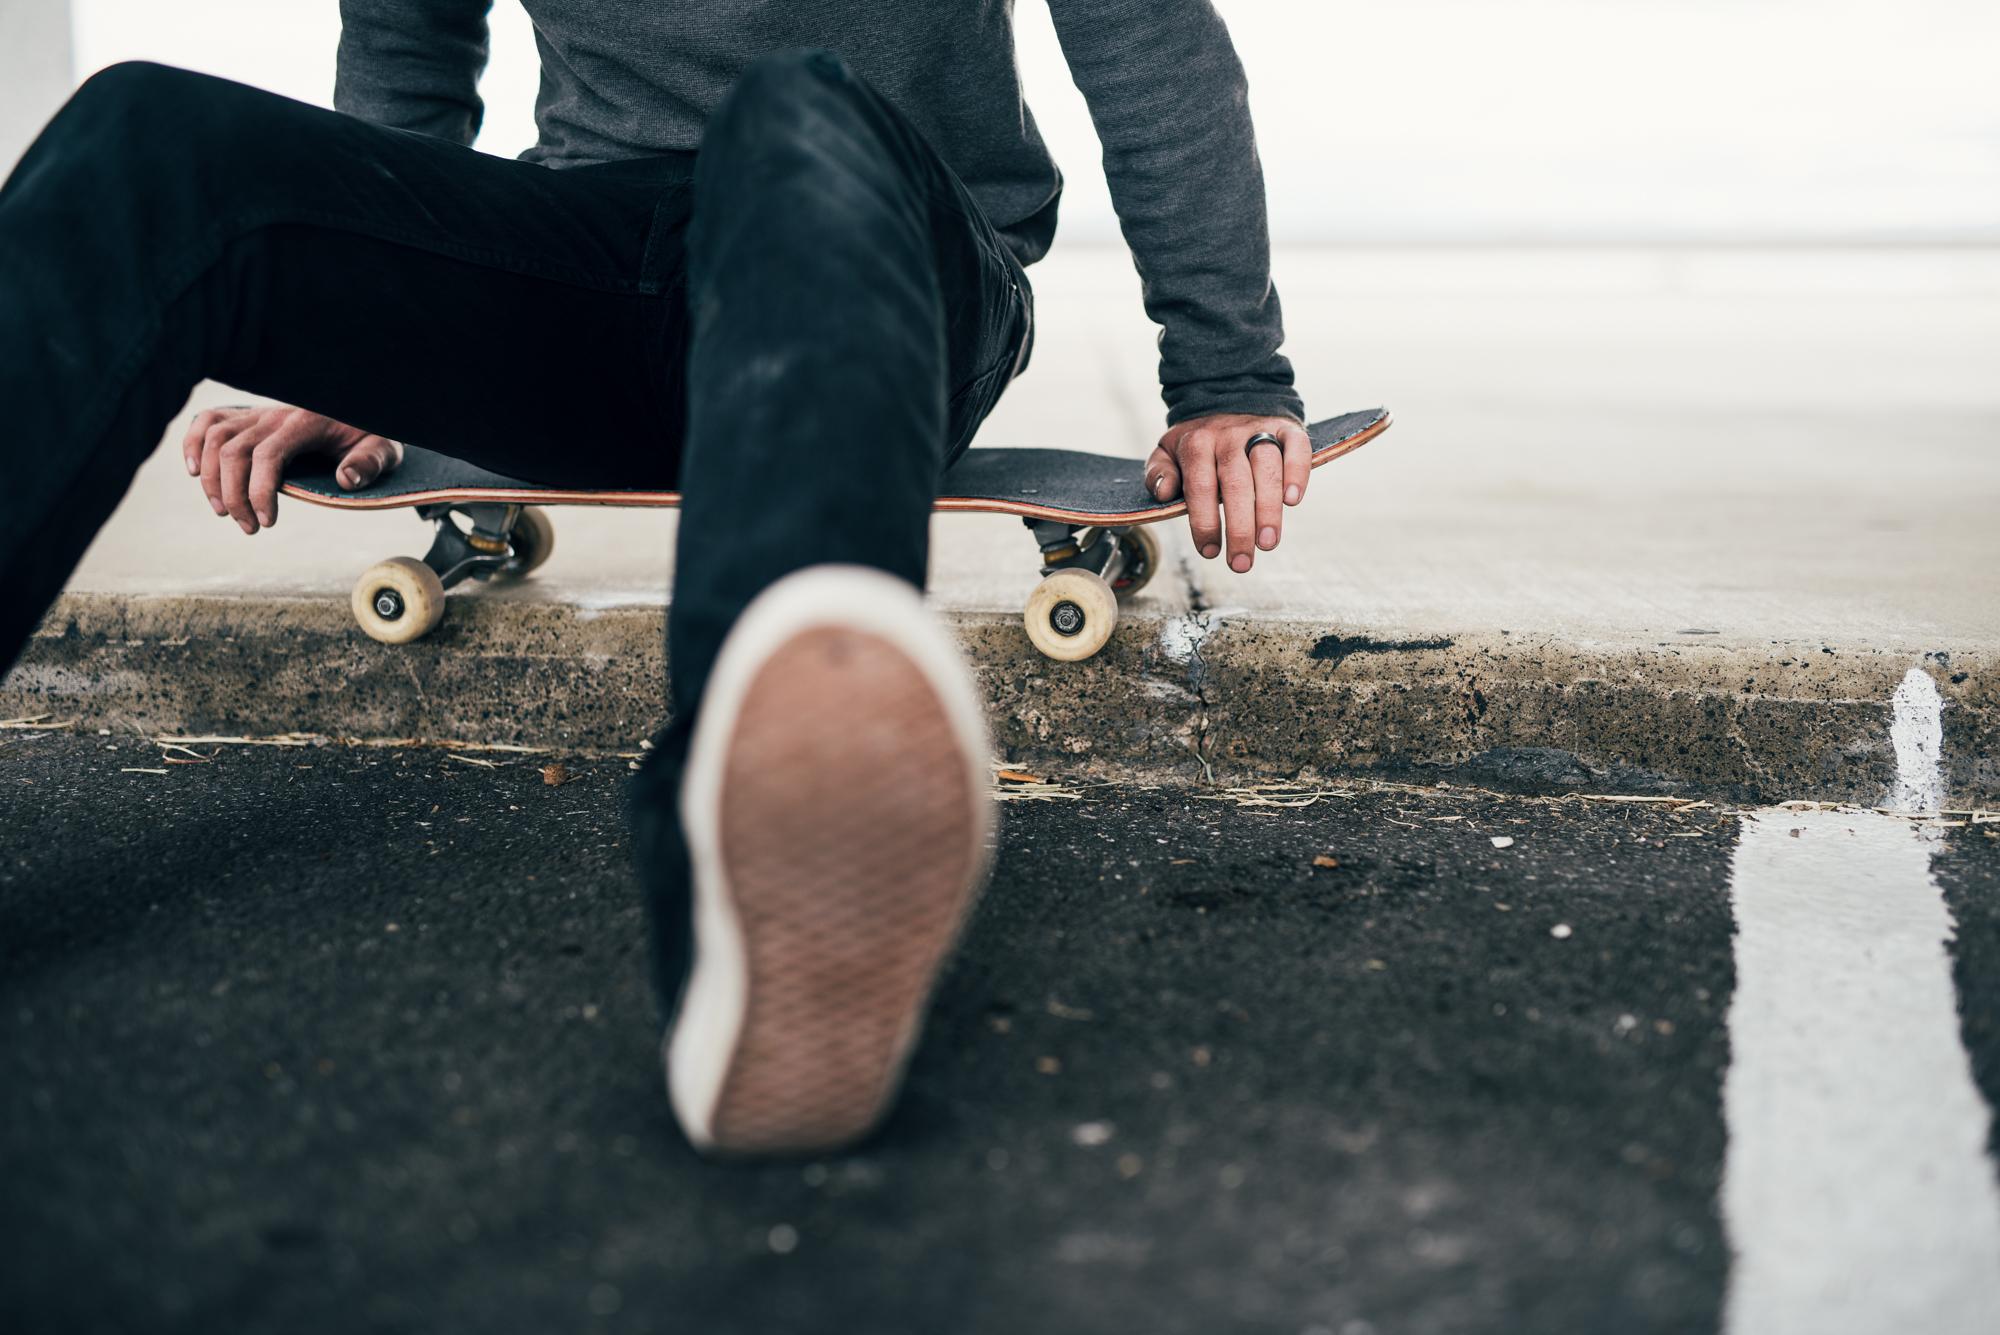 ©The Ryans Photography - Skate Break, Utah-004.jpg